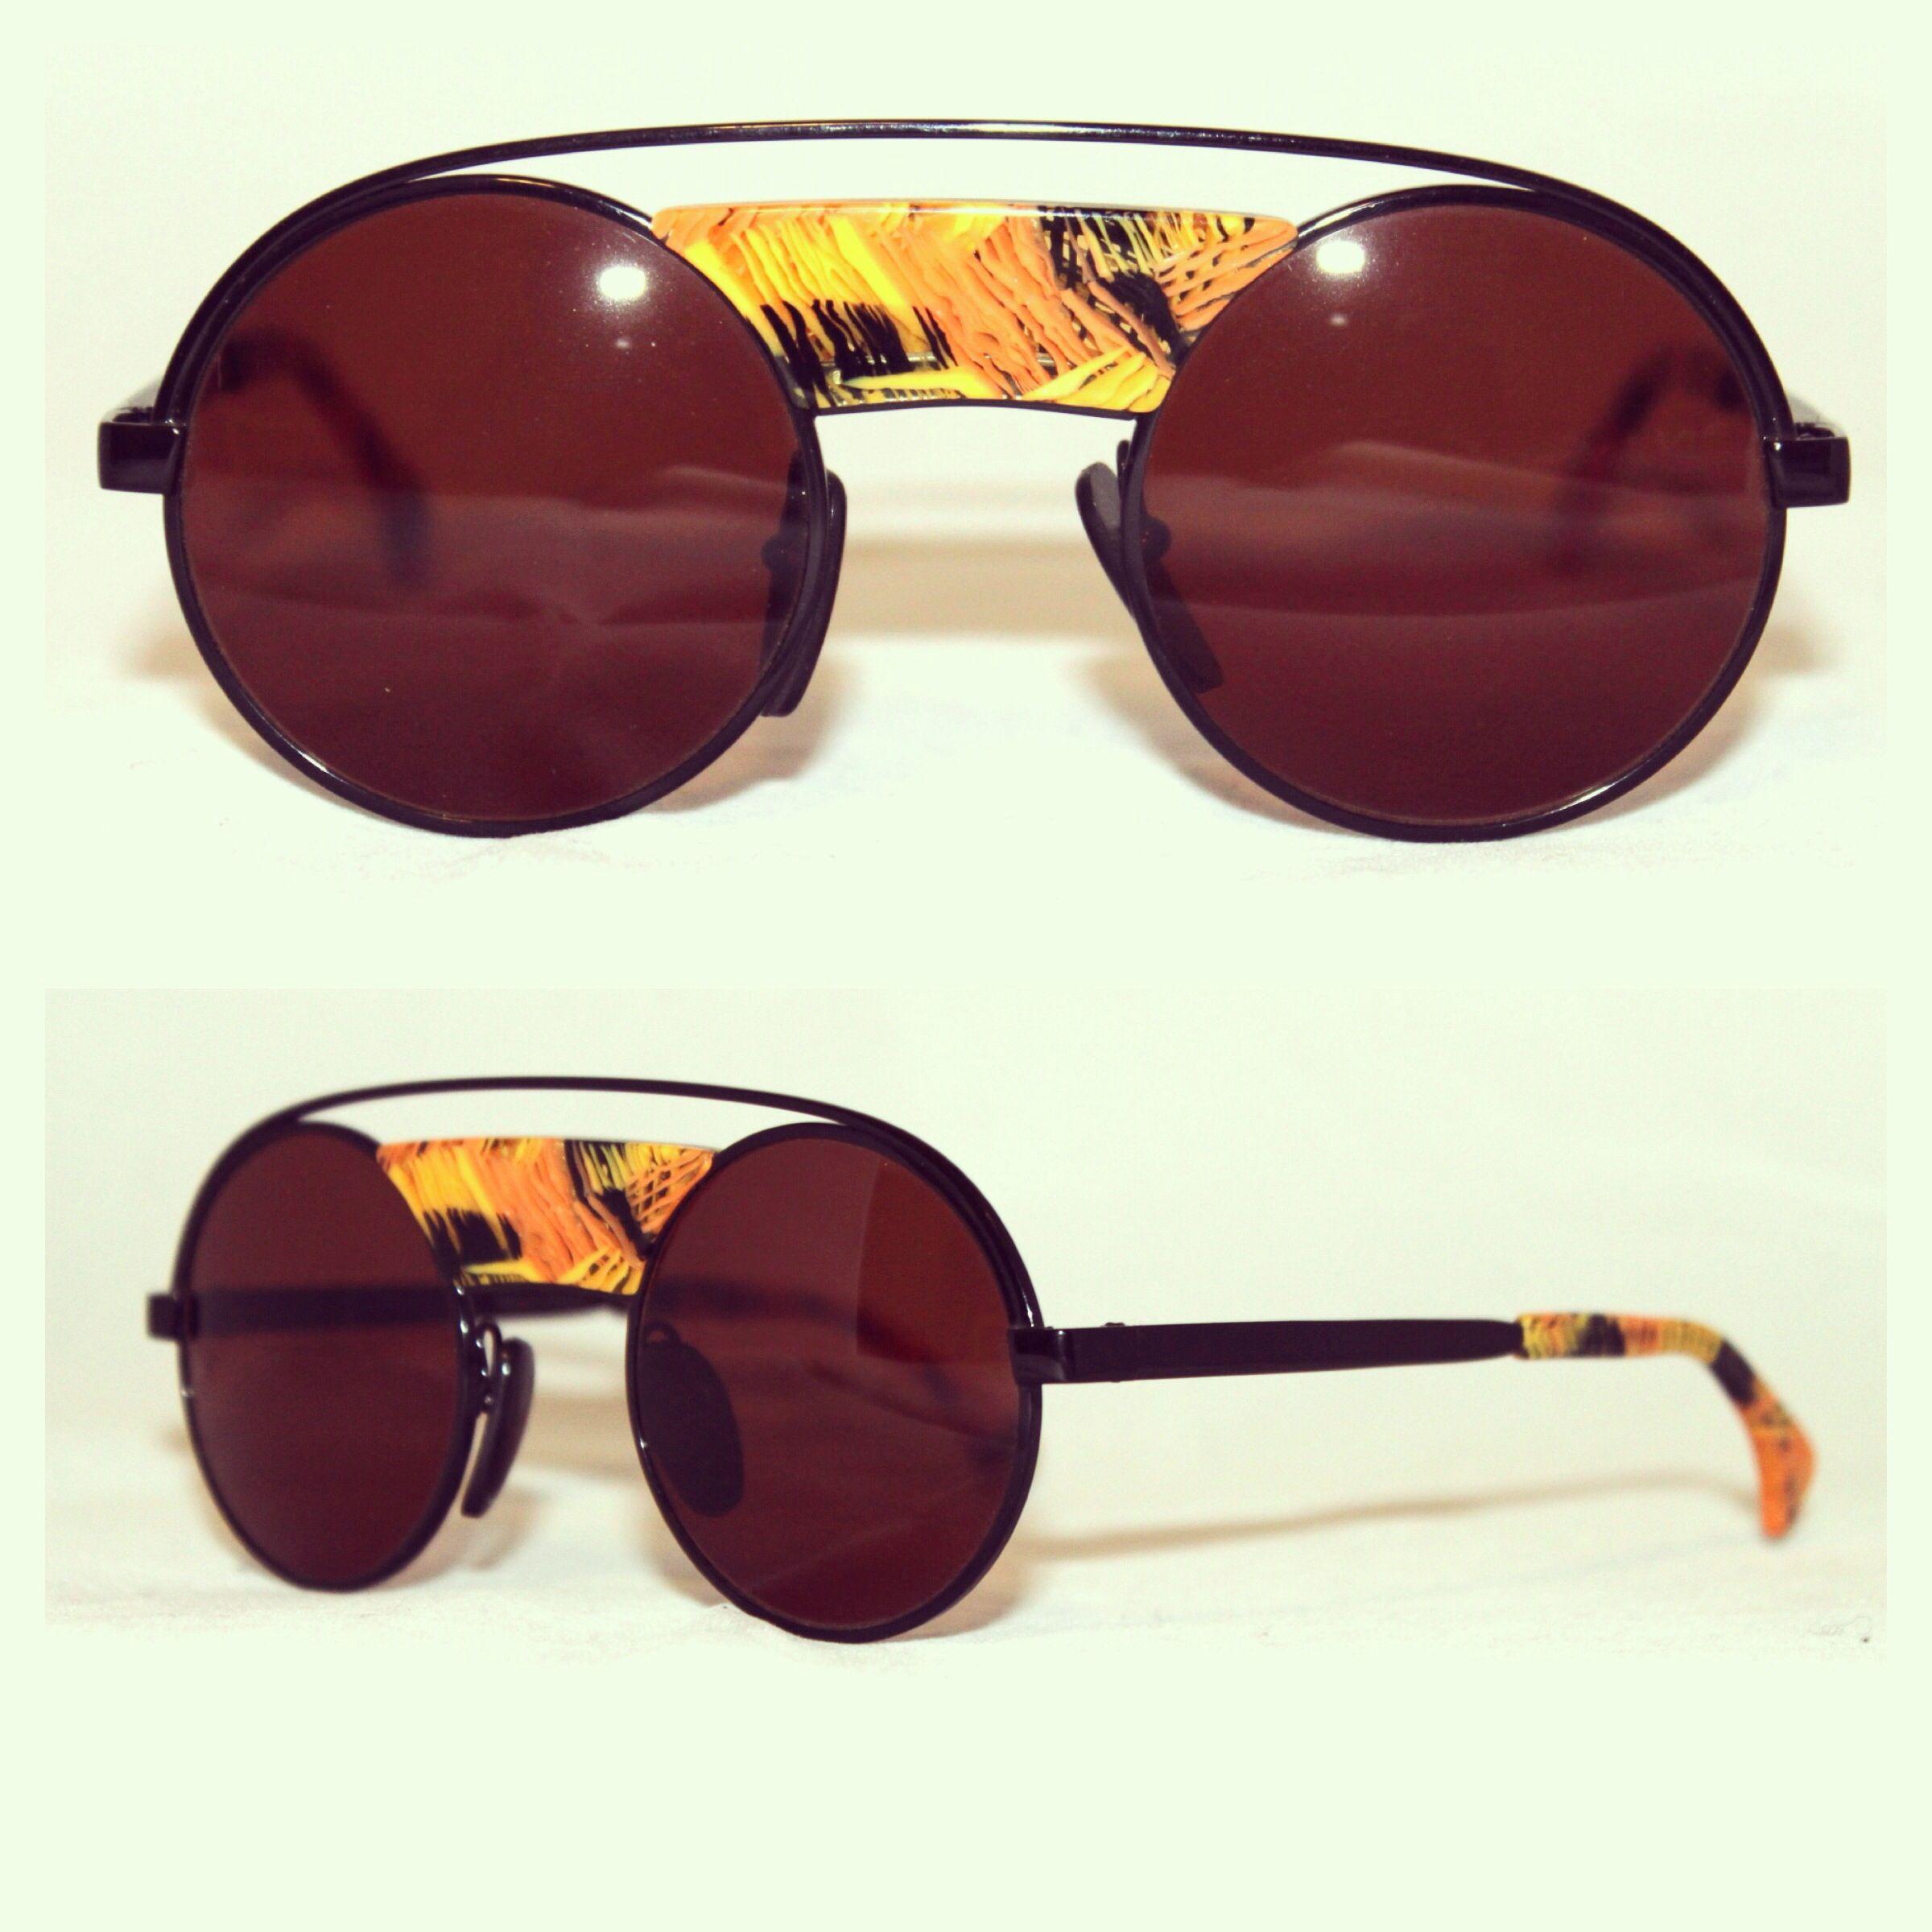 Vintage Alain Mikli Sunglasses made in France | Vintage Sunglasses ...